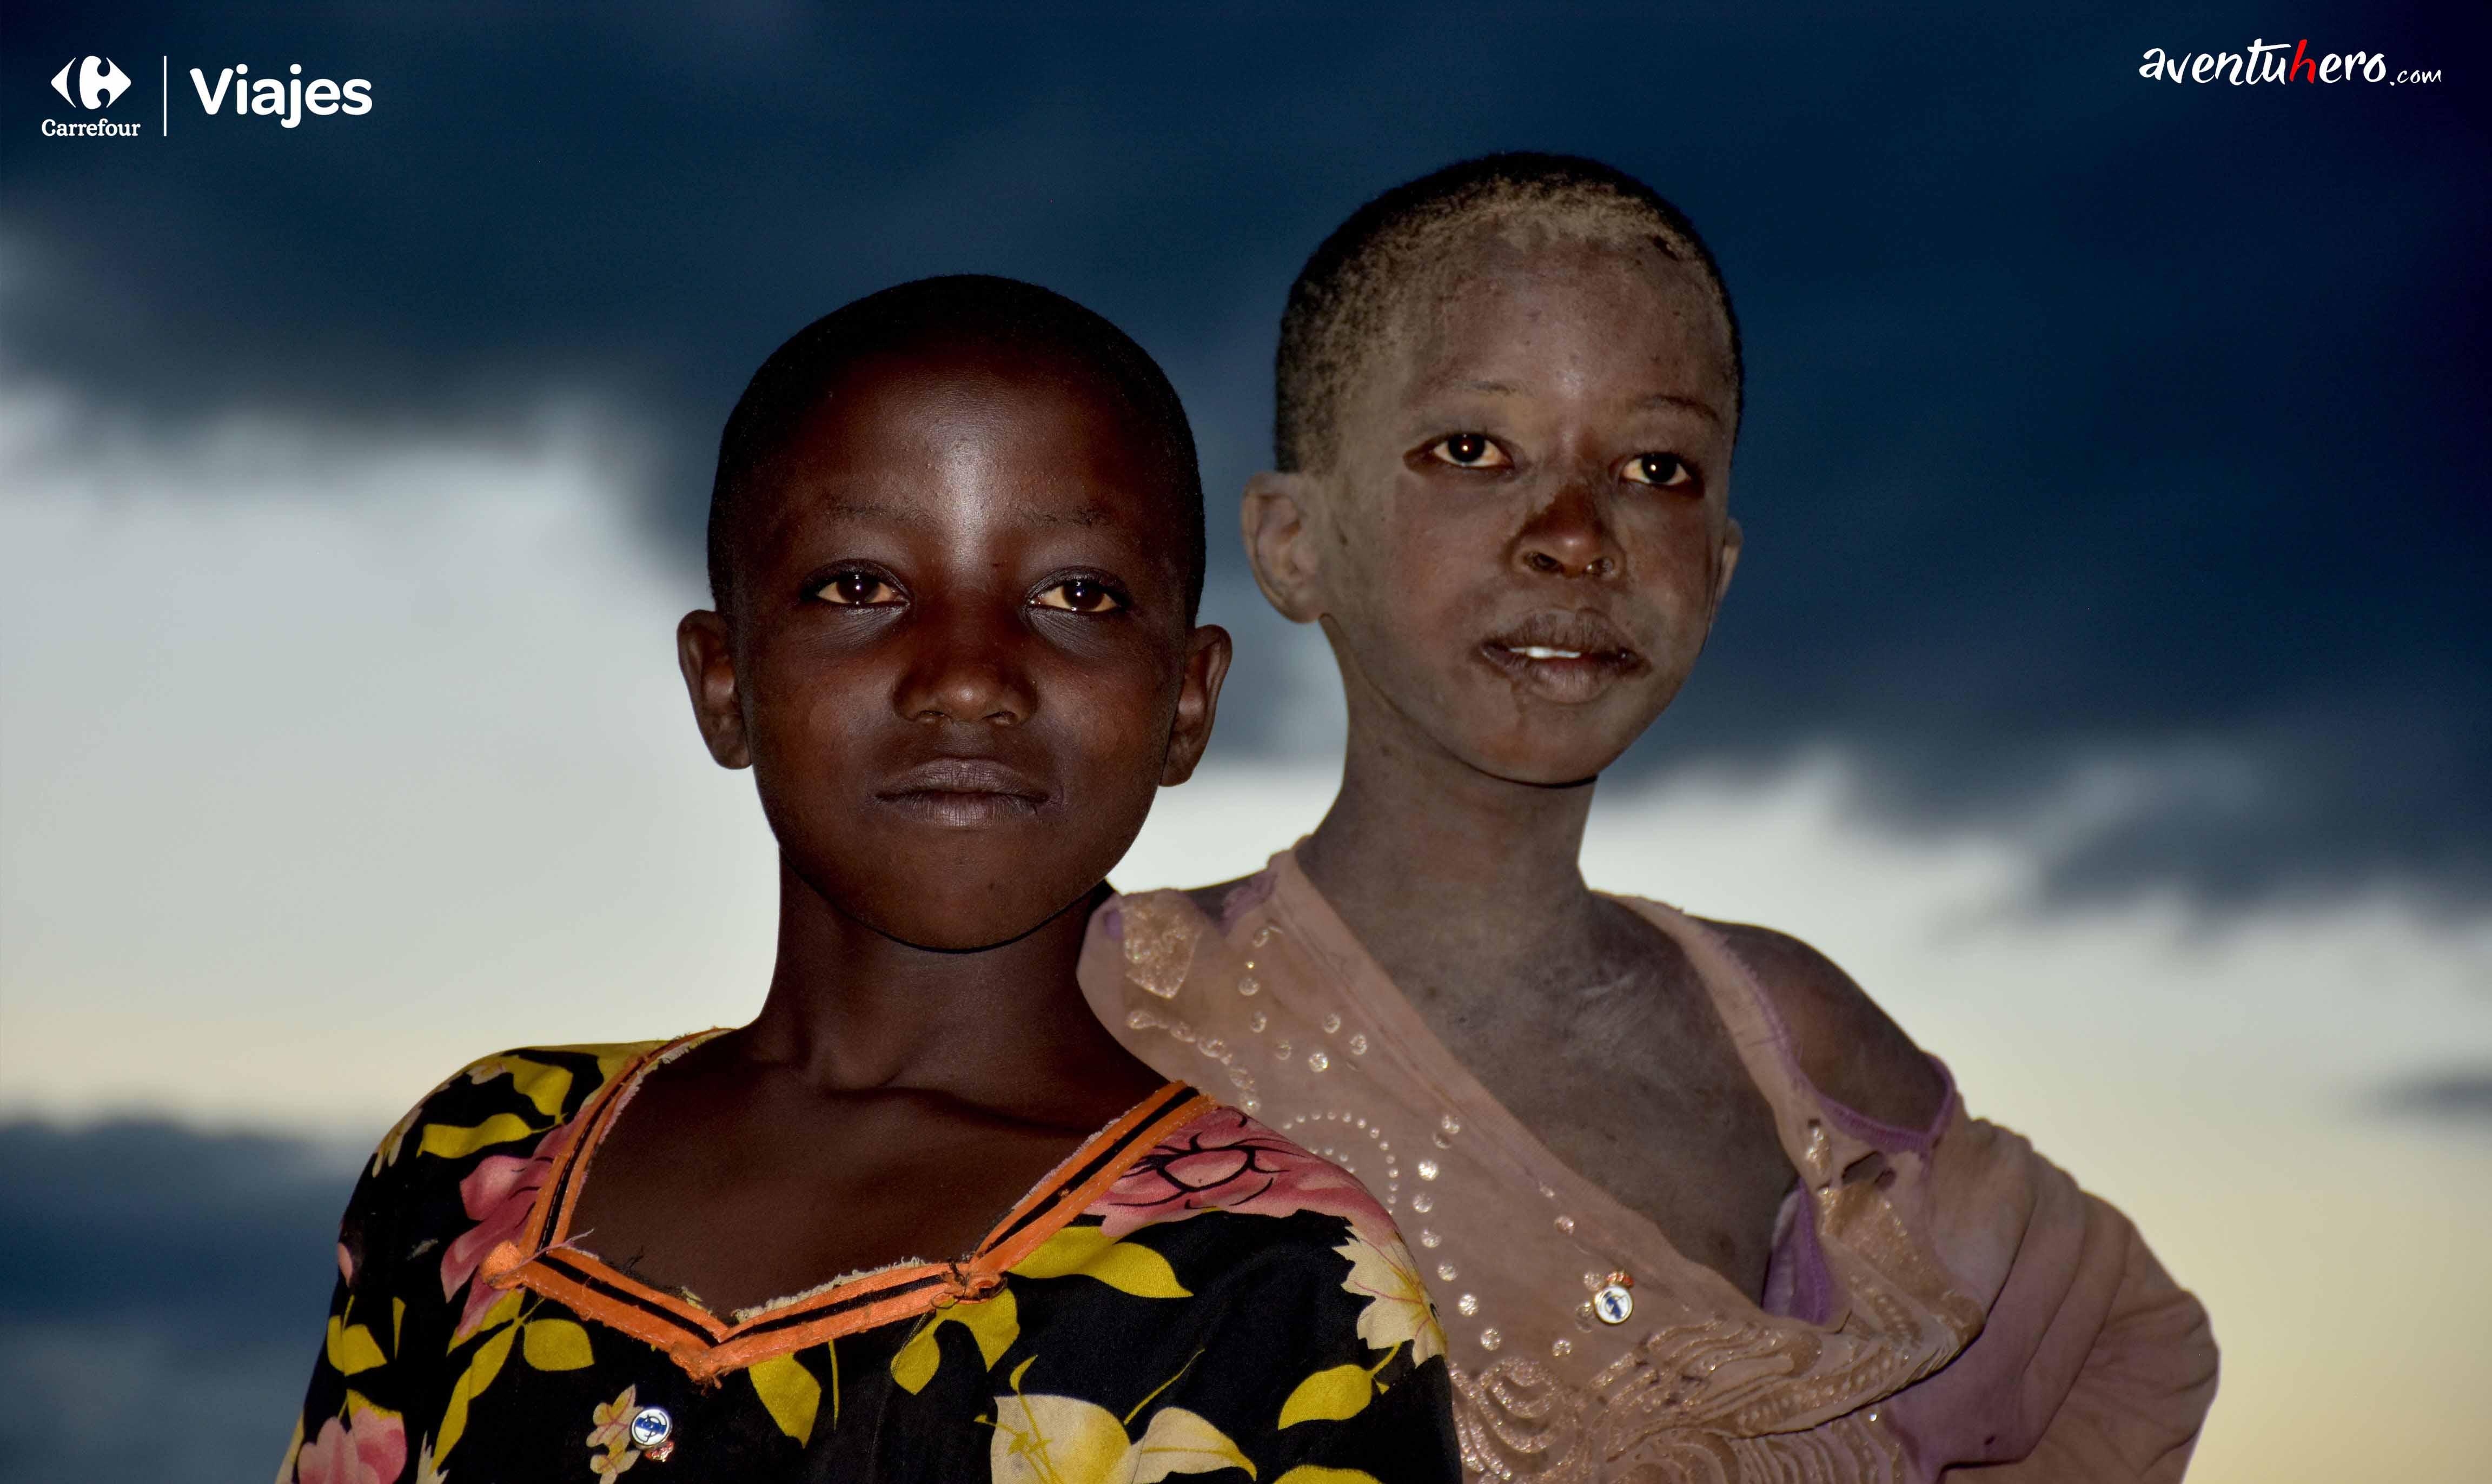 niña africana foto artistica